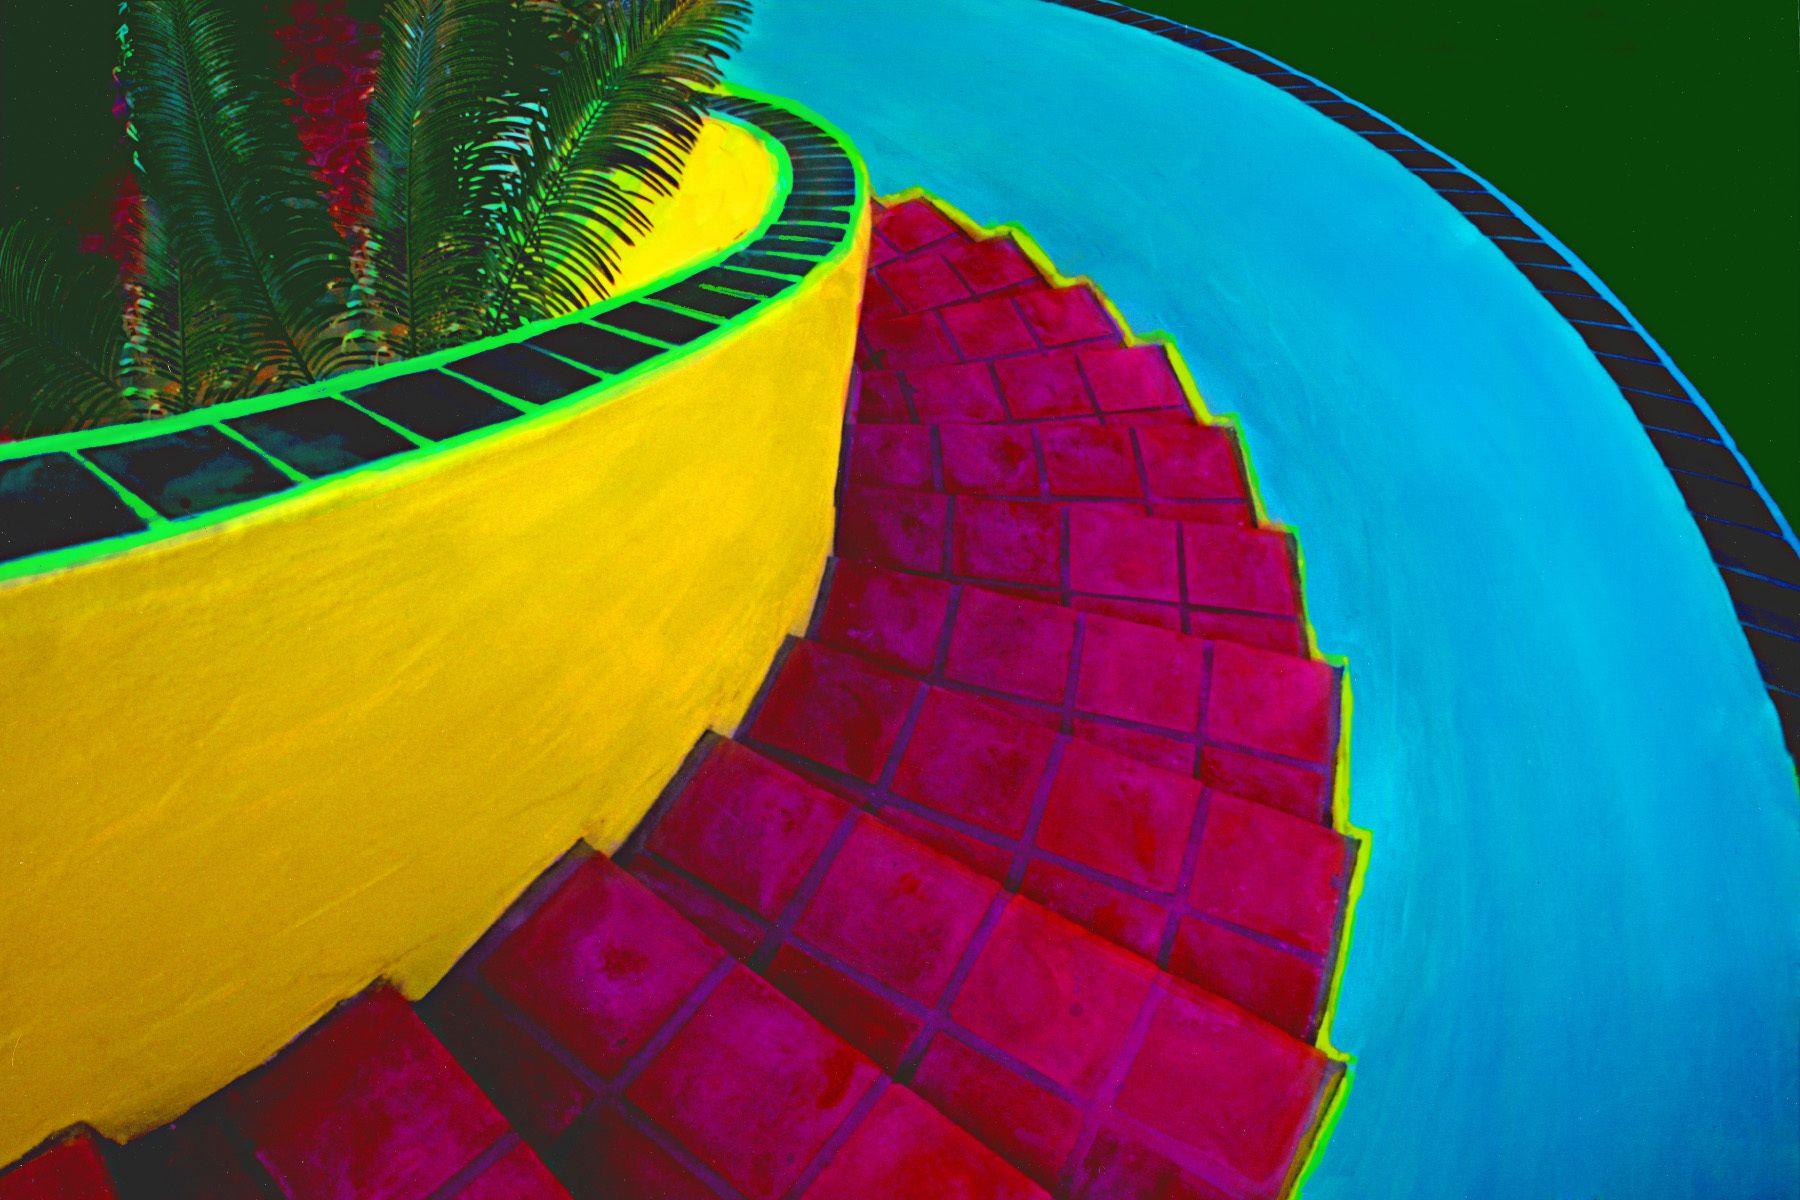 11_0_53_1d_gottlieb_spiralstairs.jpg